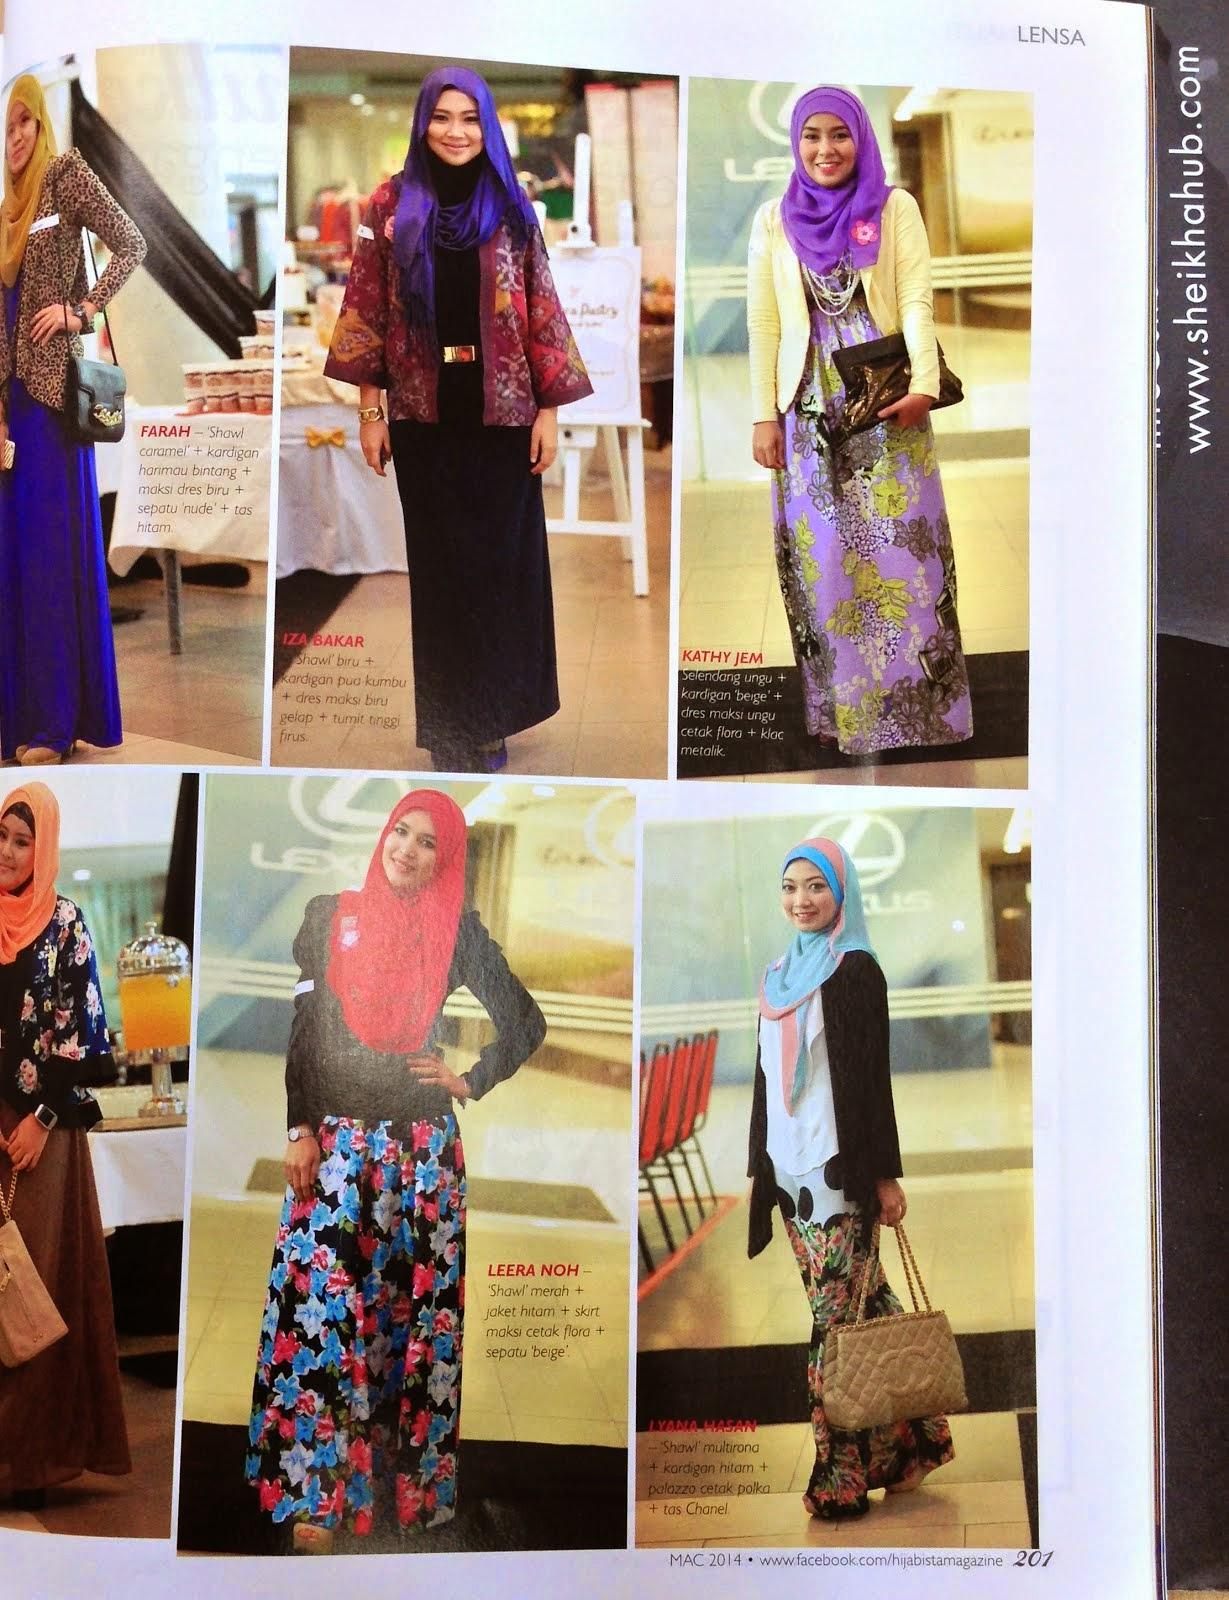 Hijabista Nona Mac 2014 16b978b044